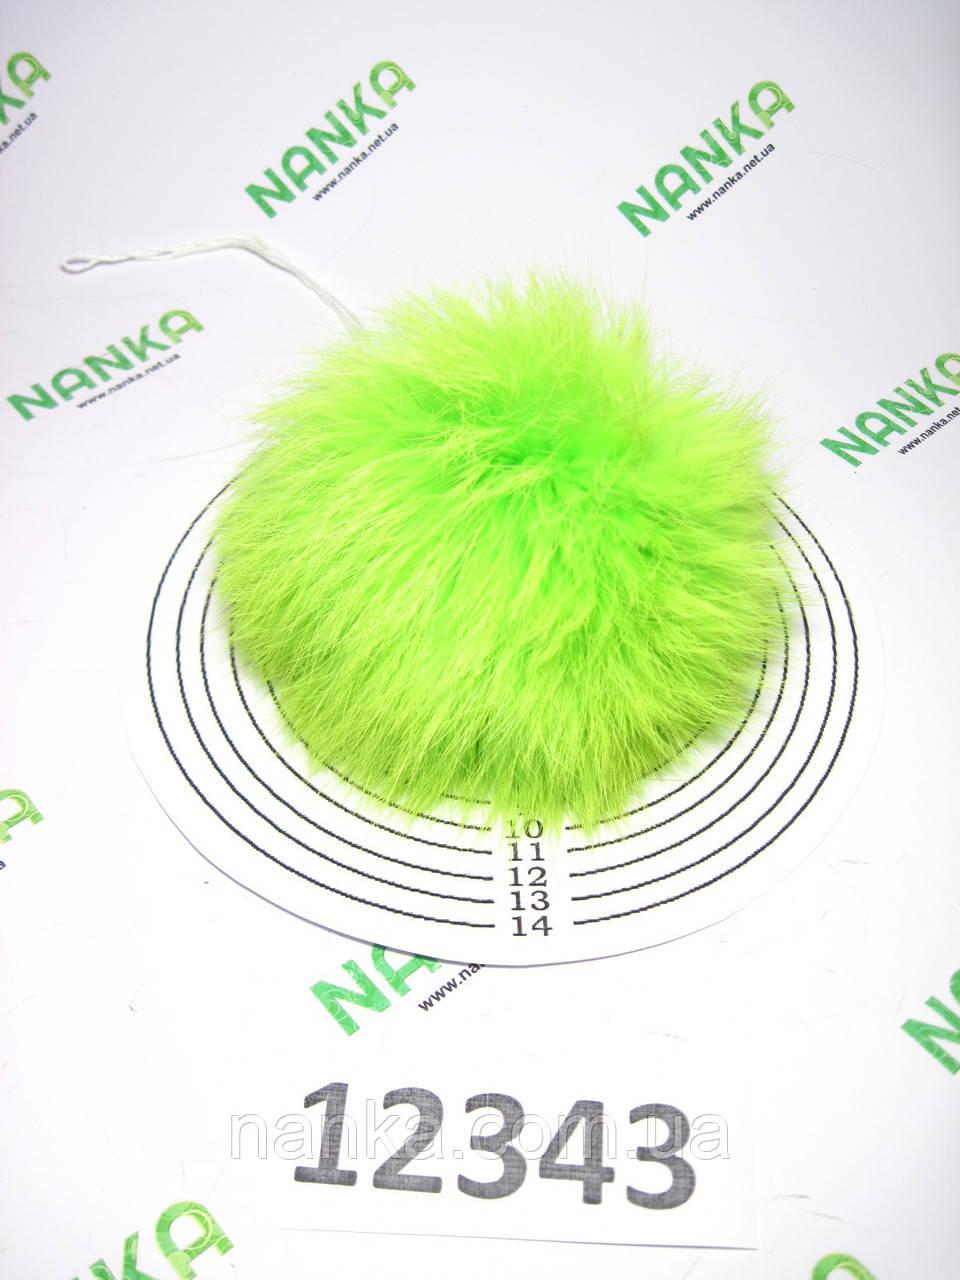 Меховой помпон Кролик, Неон Салат, 10 см, 12343